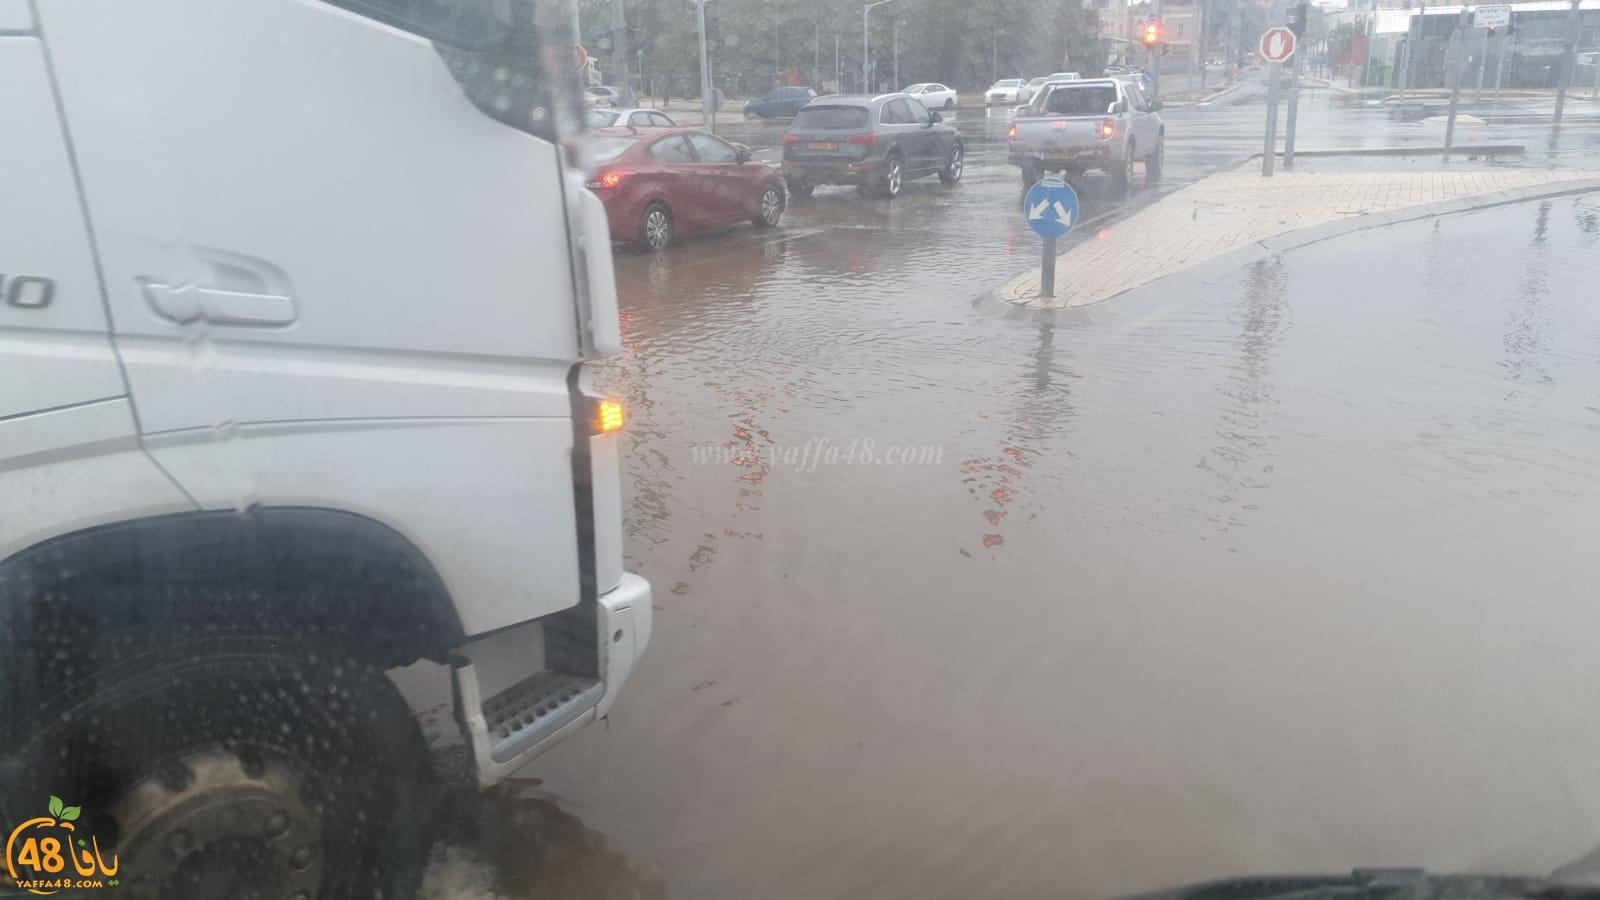 فيديو: أمطار متواصلة وخشية المواطنين من تكرار فيضان المياه داخل بيوتهم